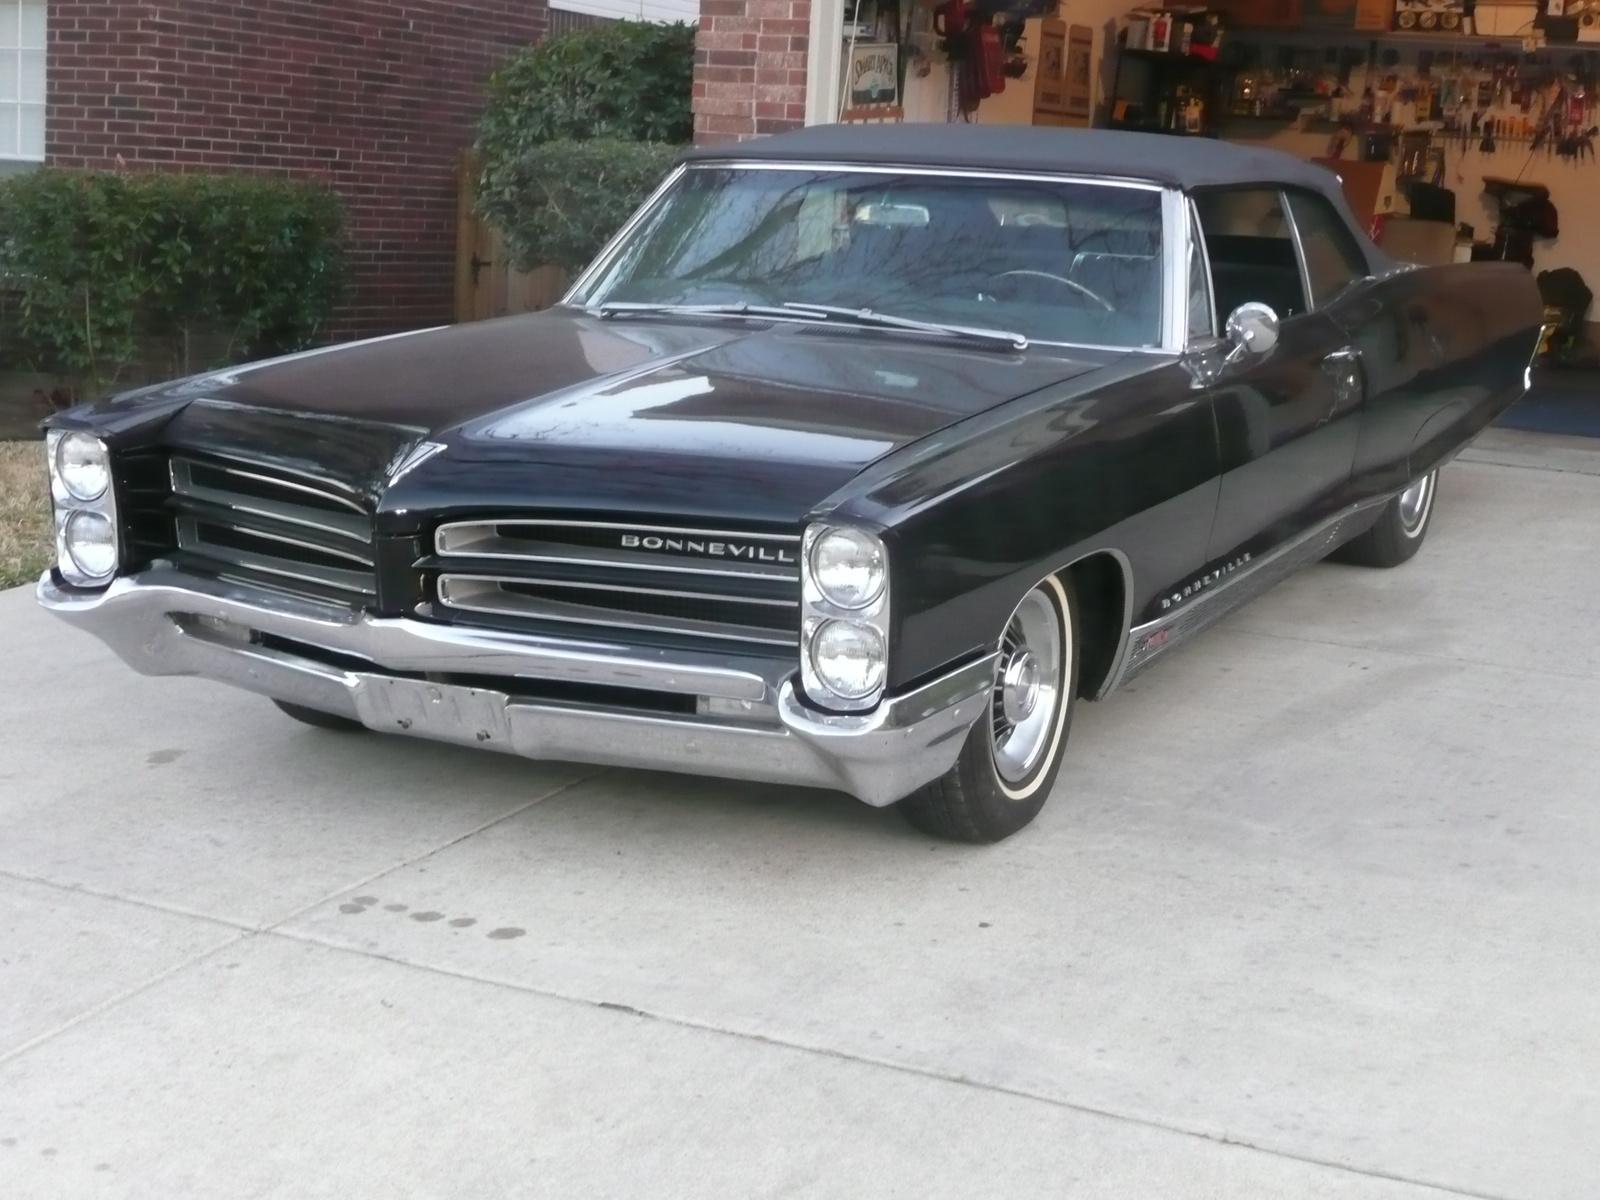 1966 Pontiac Bonneville - Overview - CarGurus